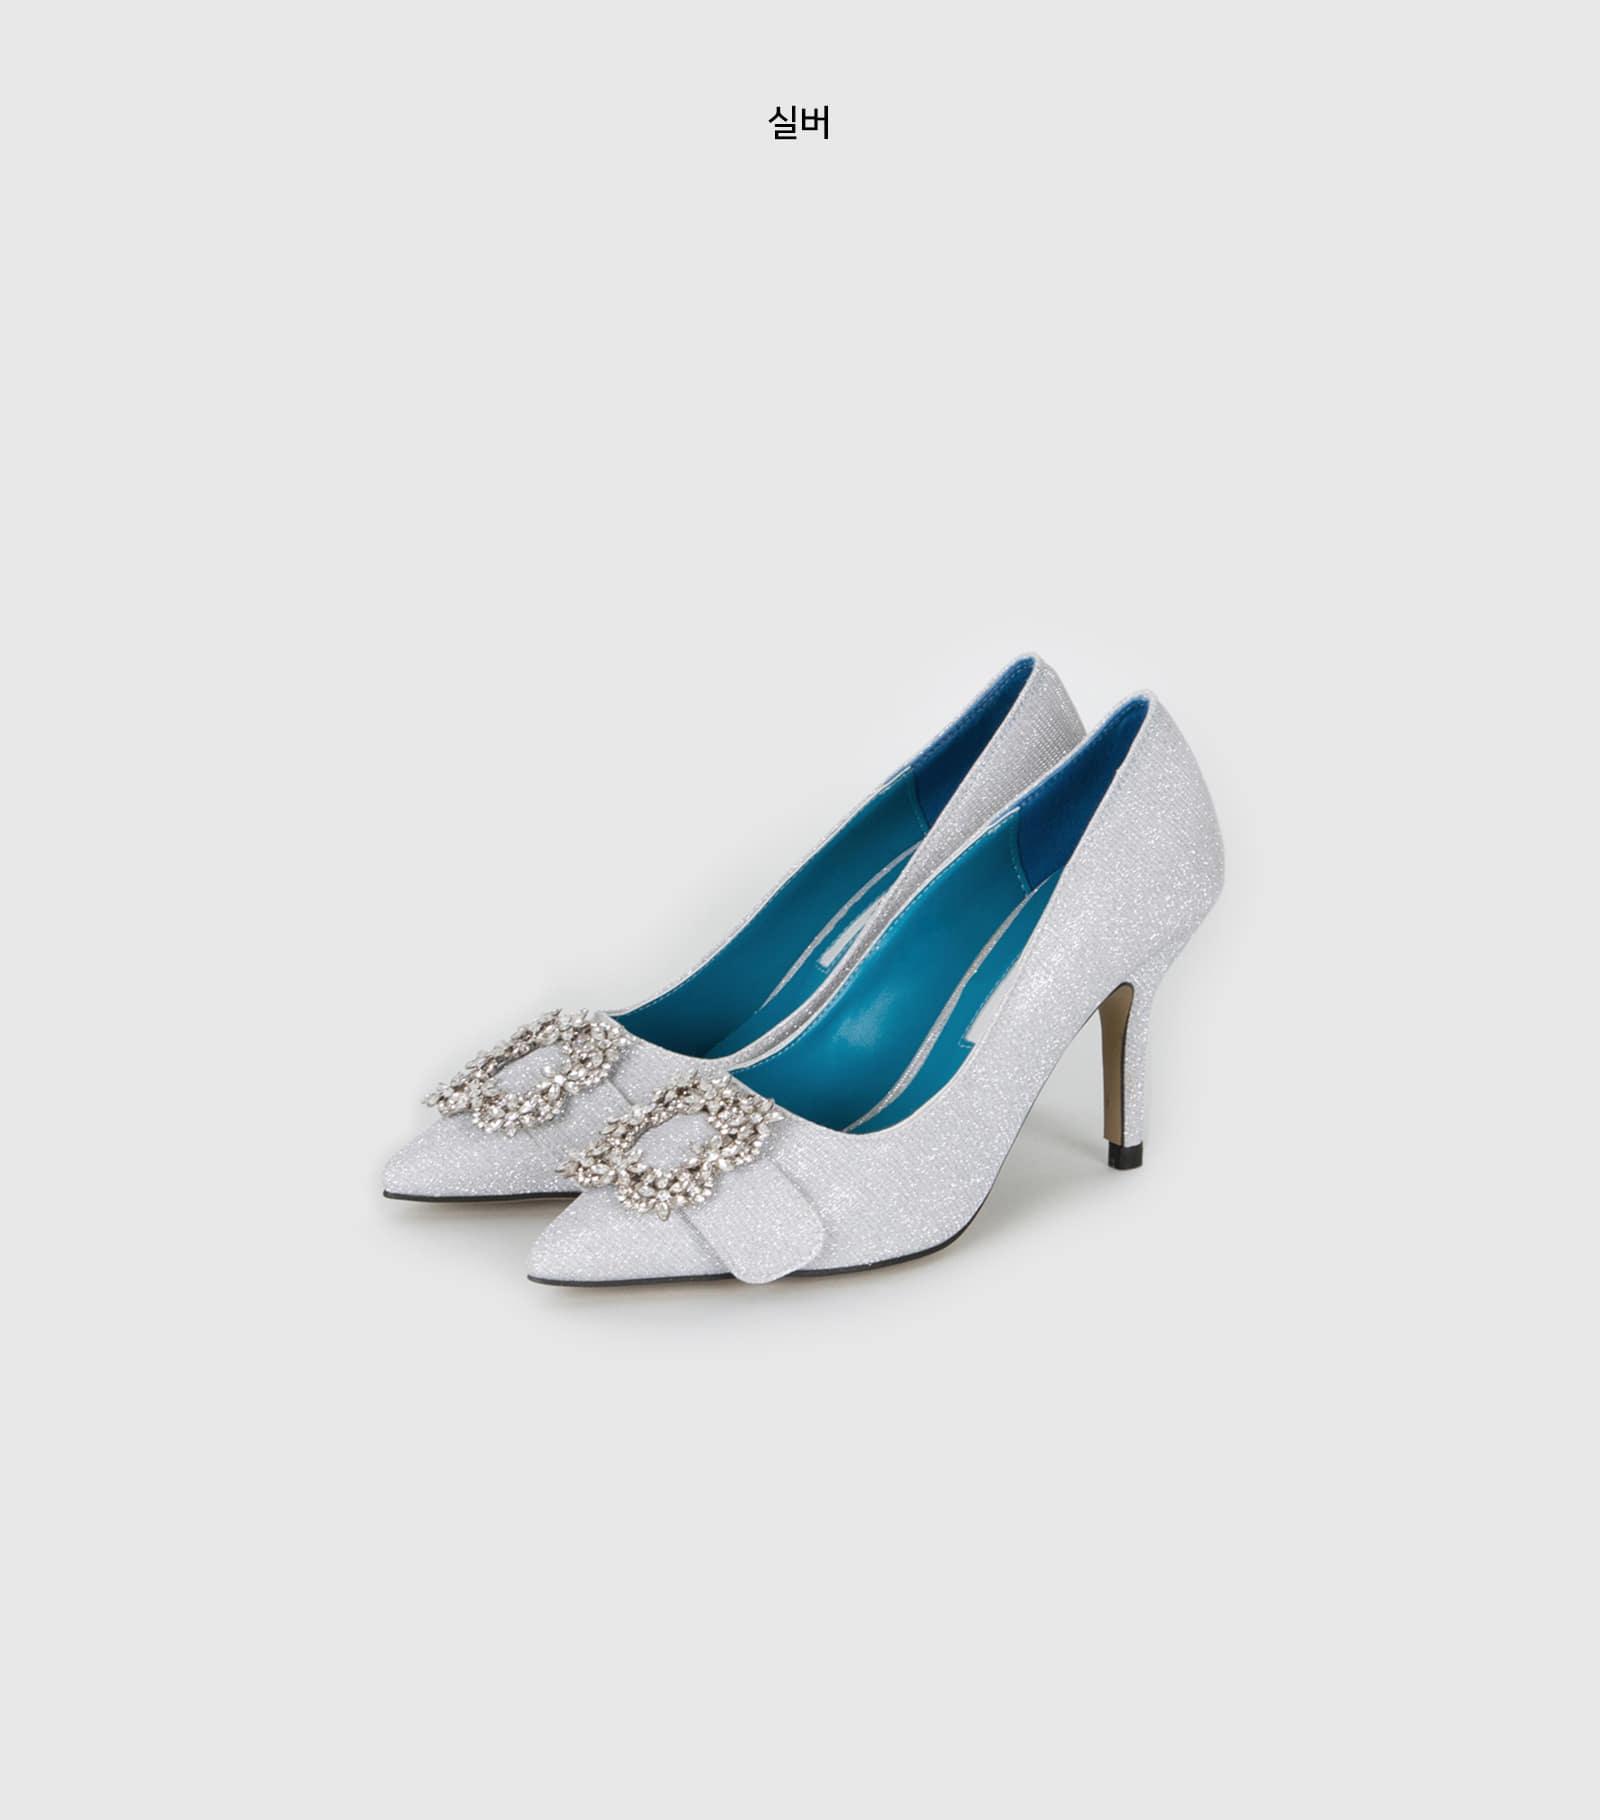 Queen Pendant High Heel Pumps